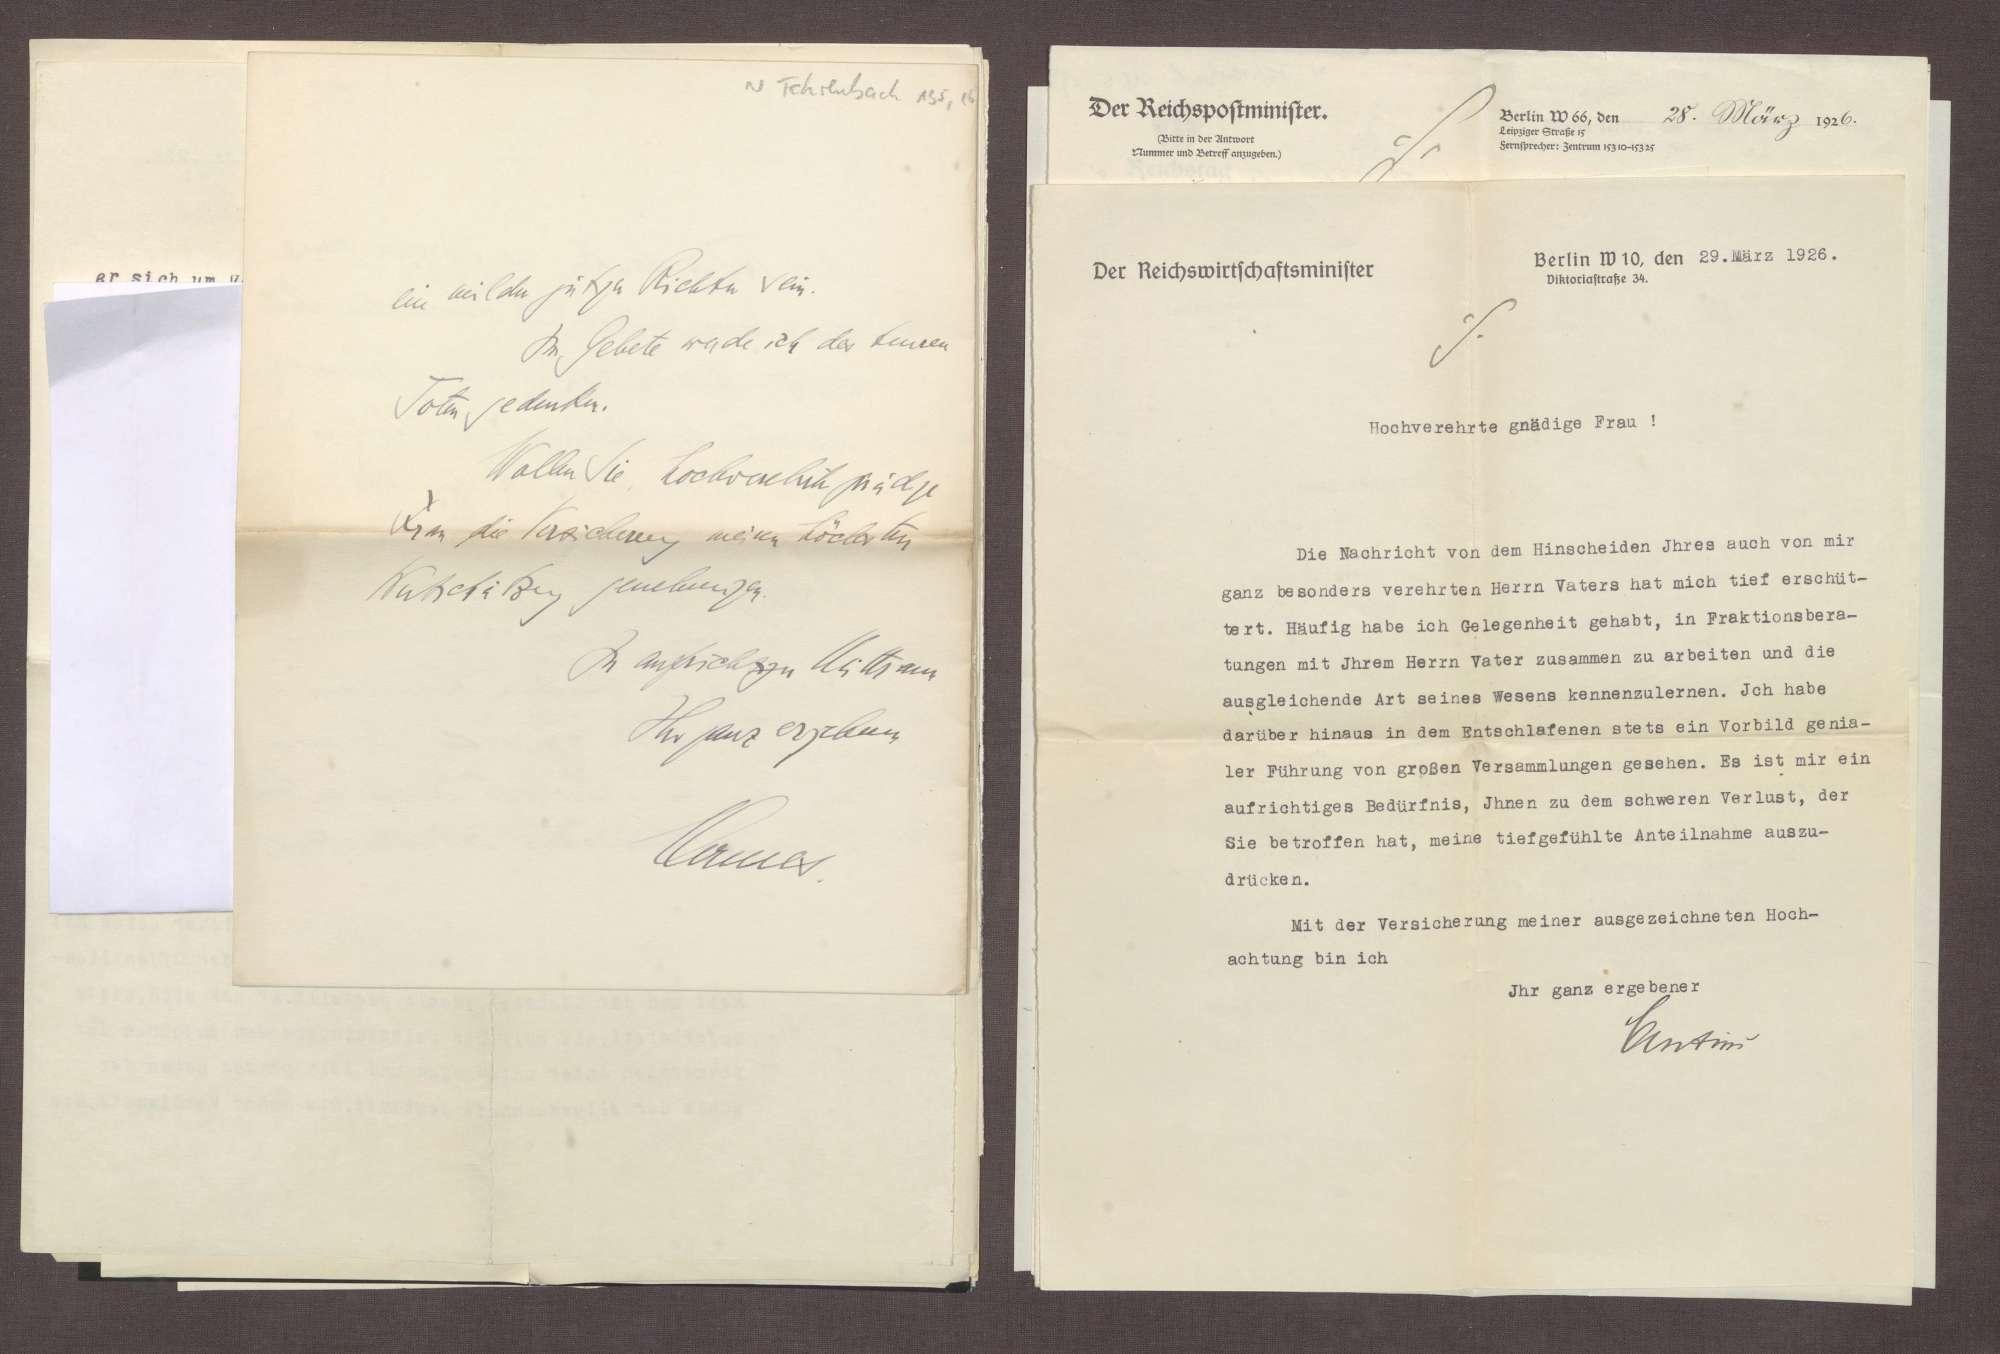 Schreiben von Julius Curtius an Elisabeth Rosset, Kondolenzbrief zum Tod von Constantin Fehrenbach, Bild 1